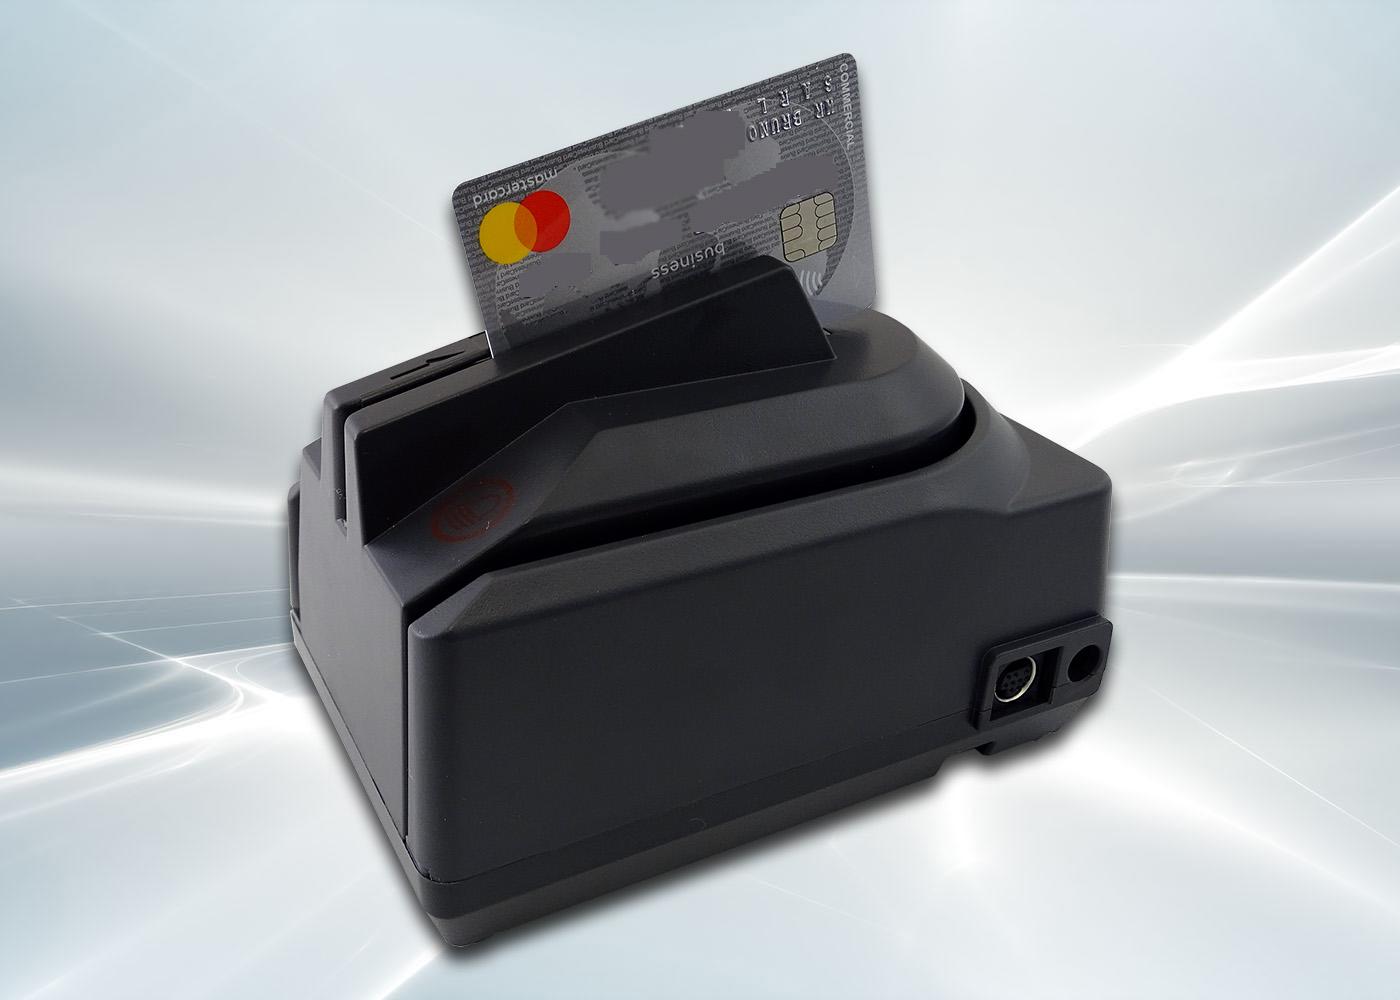 Lecteur de chèques CMC7 avec lecteur de cartes – Lecture de carte bancaire